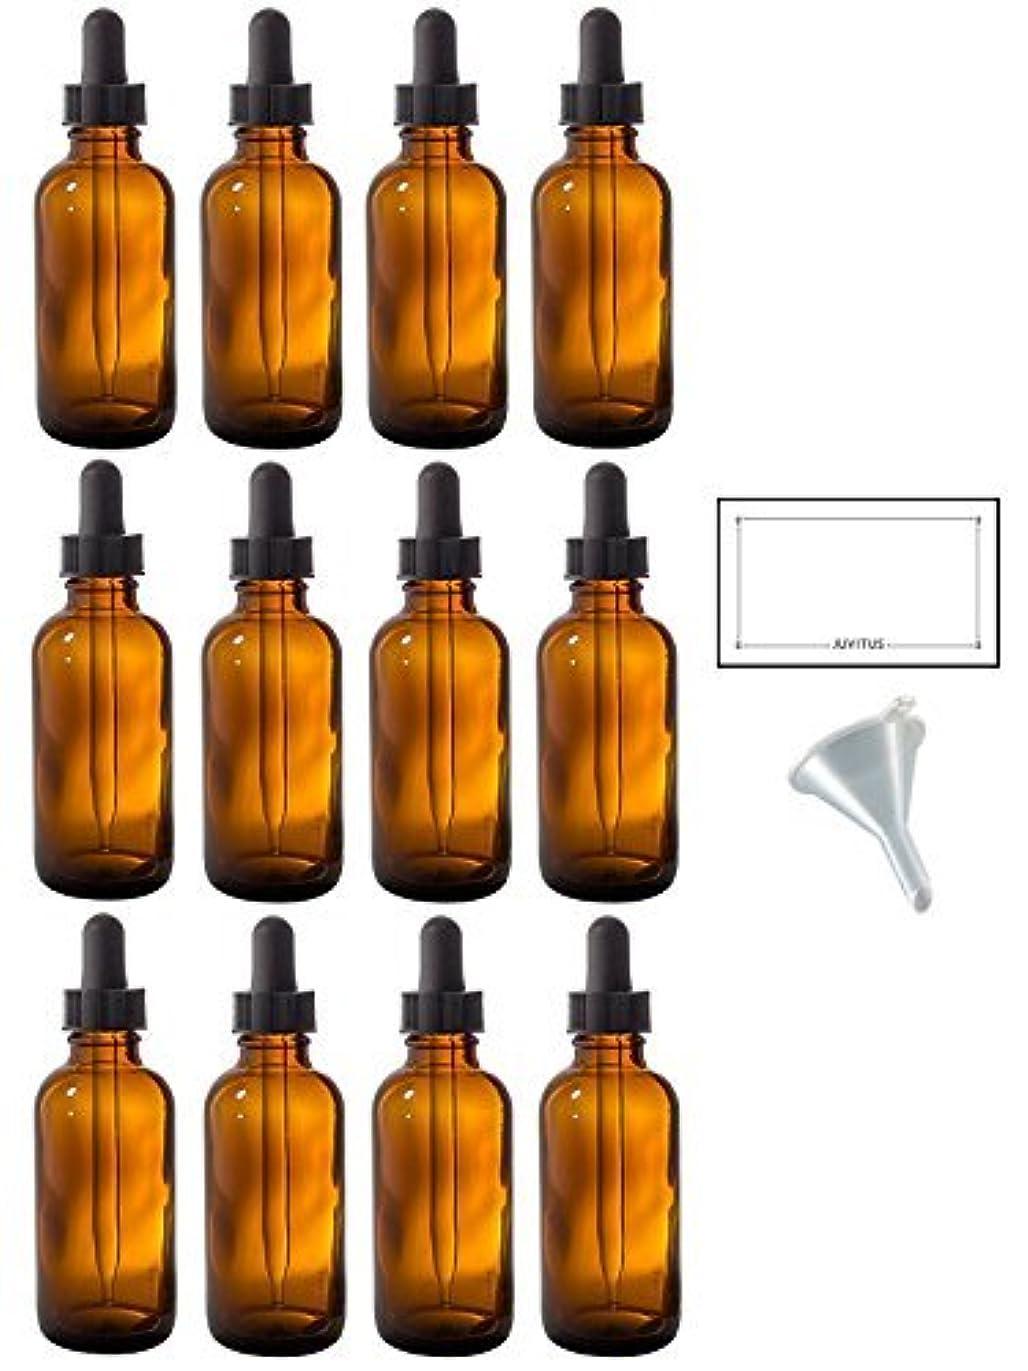 区画小さなメキシコ2 oz Amber Glass Boston Round Dropper Bottle (12 pack) + Funnel and Labels for essential oils, aromatherapy, e-liquid...